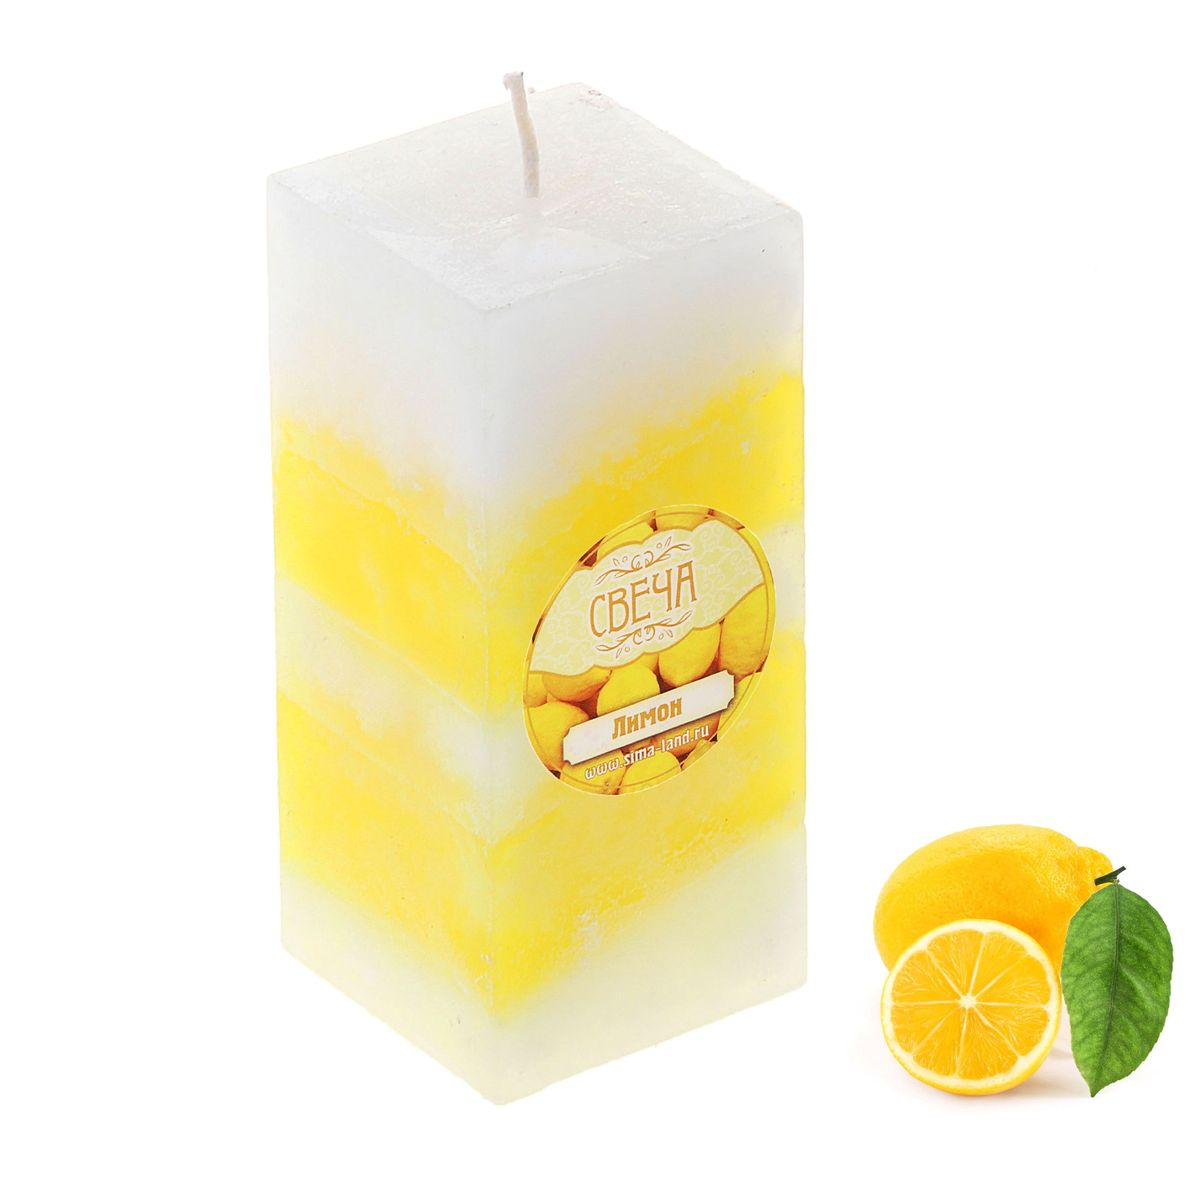 Свеча ароматизированная Sima-land Лимон, высота 10 см. 849633N11143-1003Свеча ароматизированная Sima-land Лимон выполнена из воска и оформлена в виде столбика. Свеча отличается ярким дизайном и сочным ароматом лимон, который понравится как женщинам, так и мужчинам. Создайте для себя и своих близких не забываемую атмосферу праздника и уюта в доме. Свеча будет радовать свежим ароматом и раскрасит серые будни яркими красками.